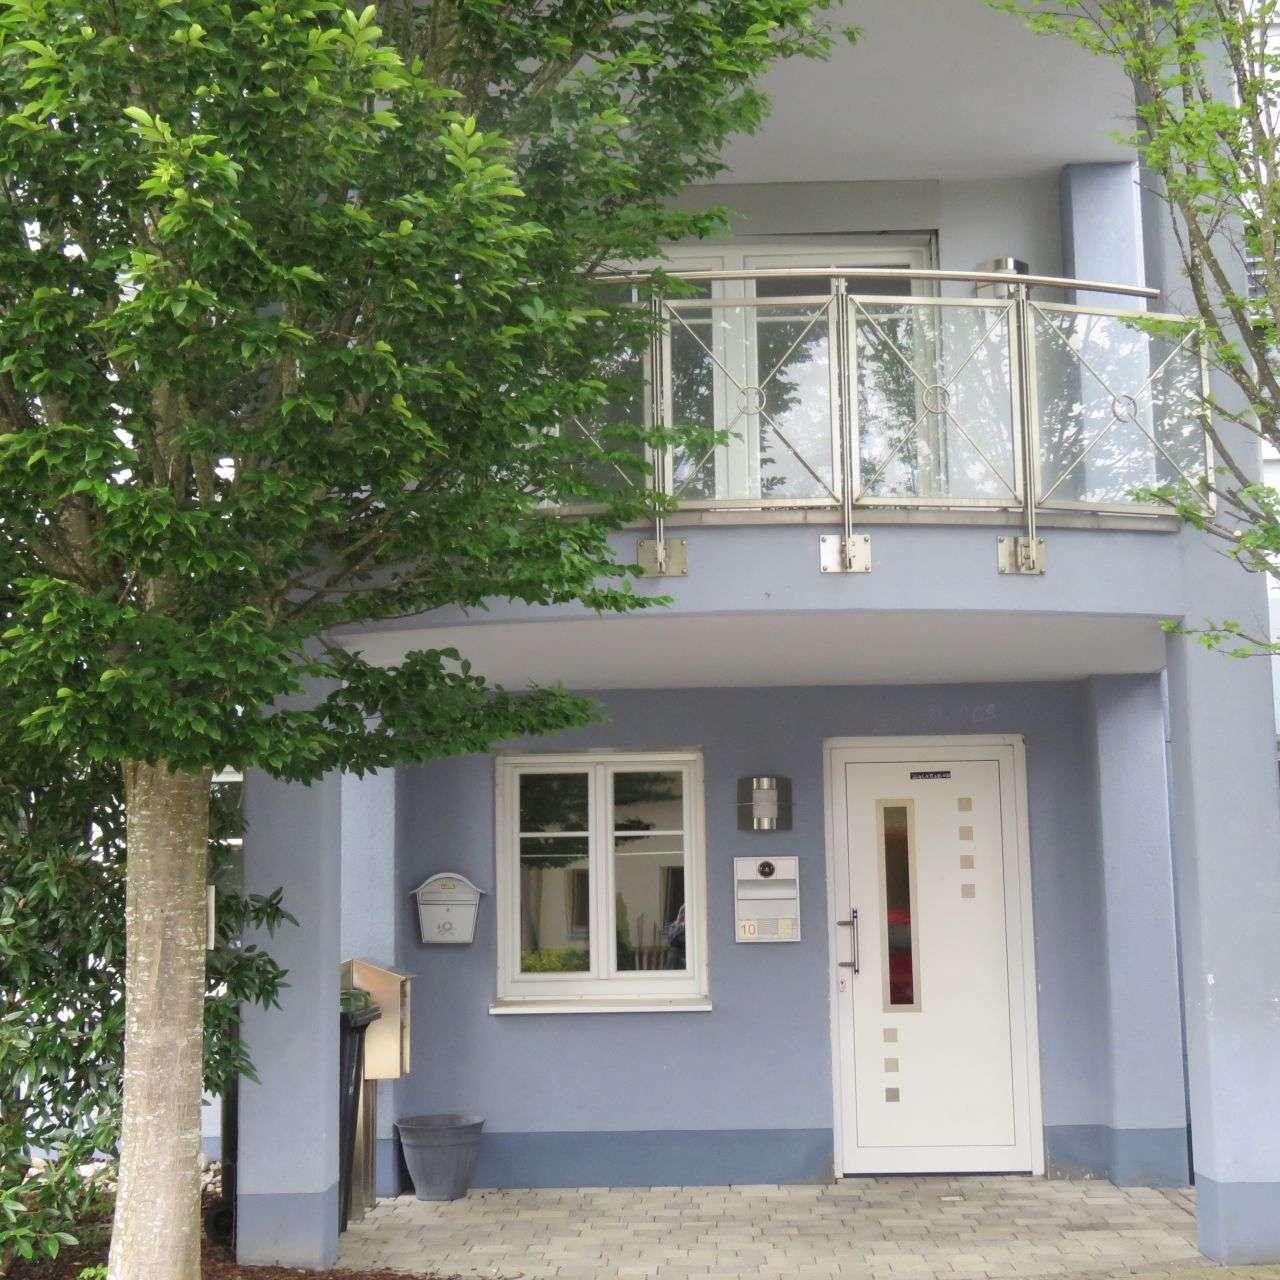 Reserviert - Ruhige, ebenerdige Wohnung in gehobener Wohngegend in